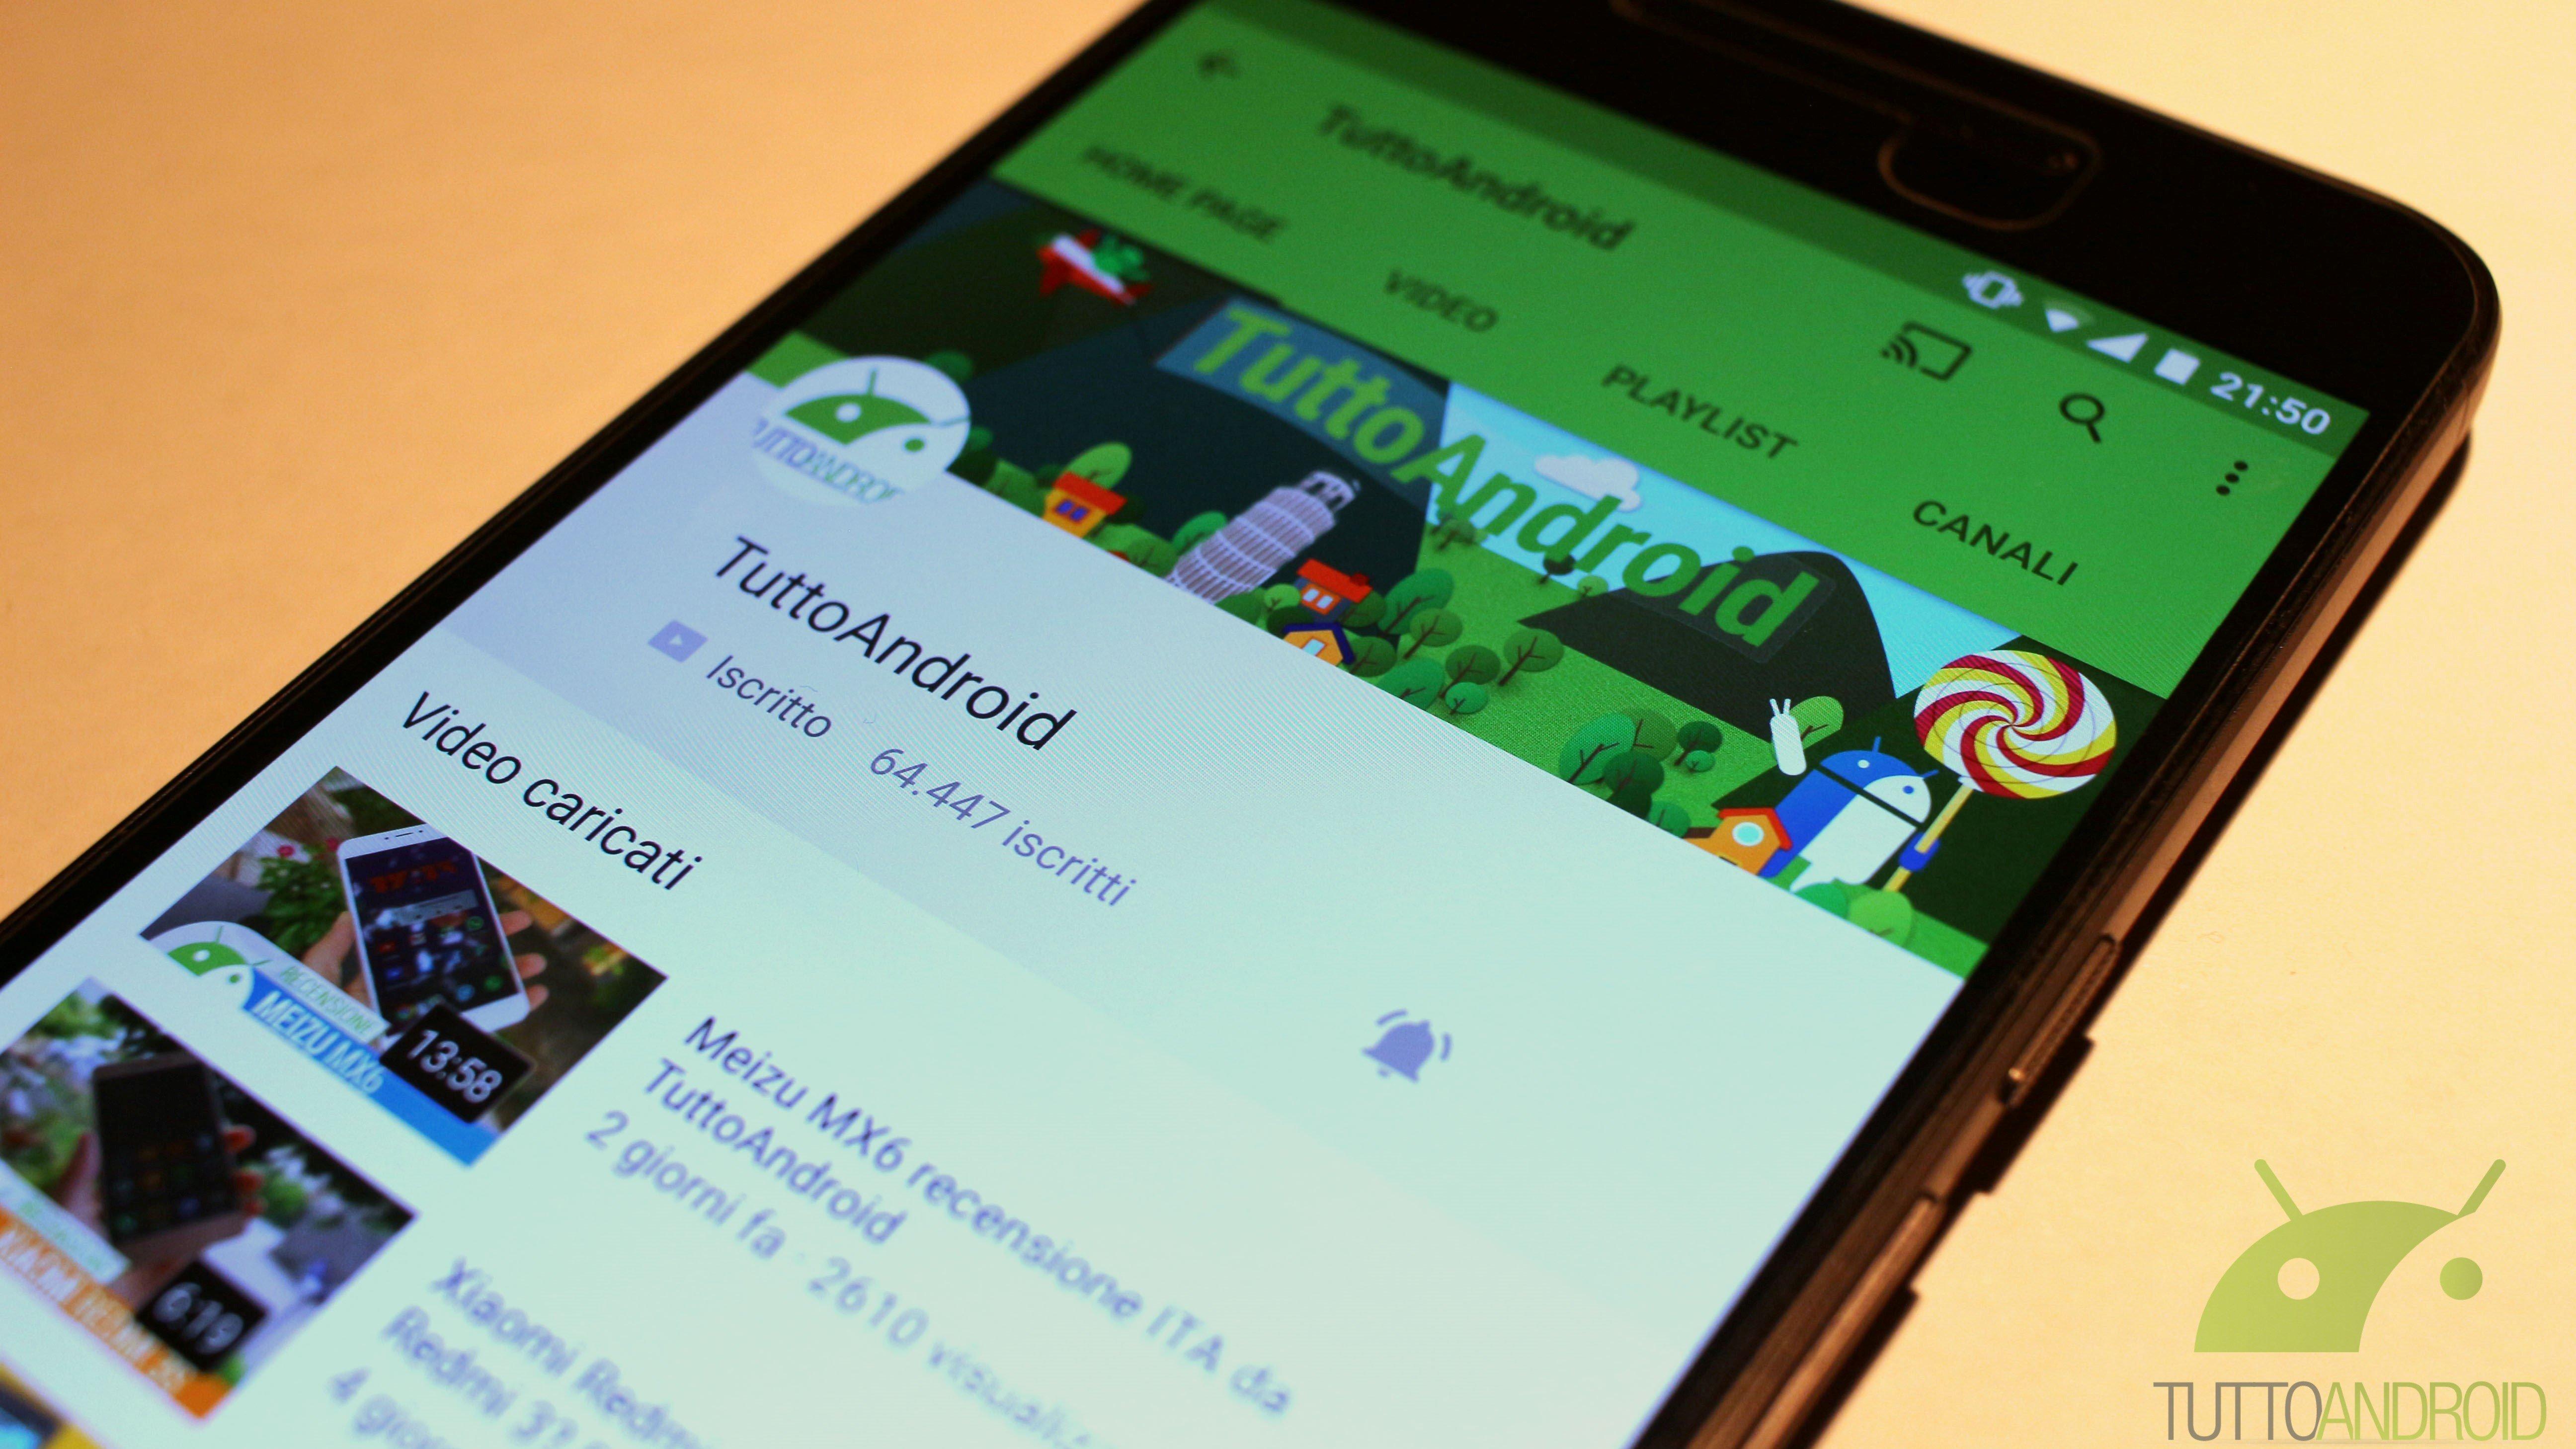 youtube app Android a schermo intero   mokancide ga